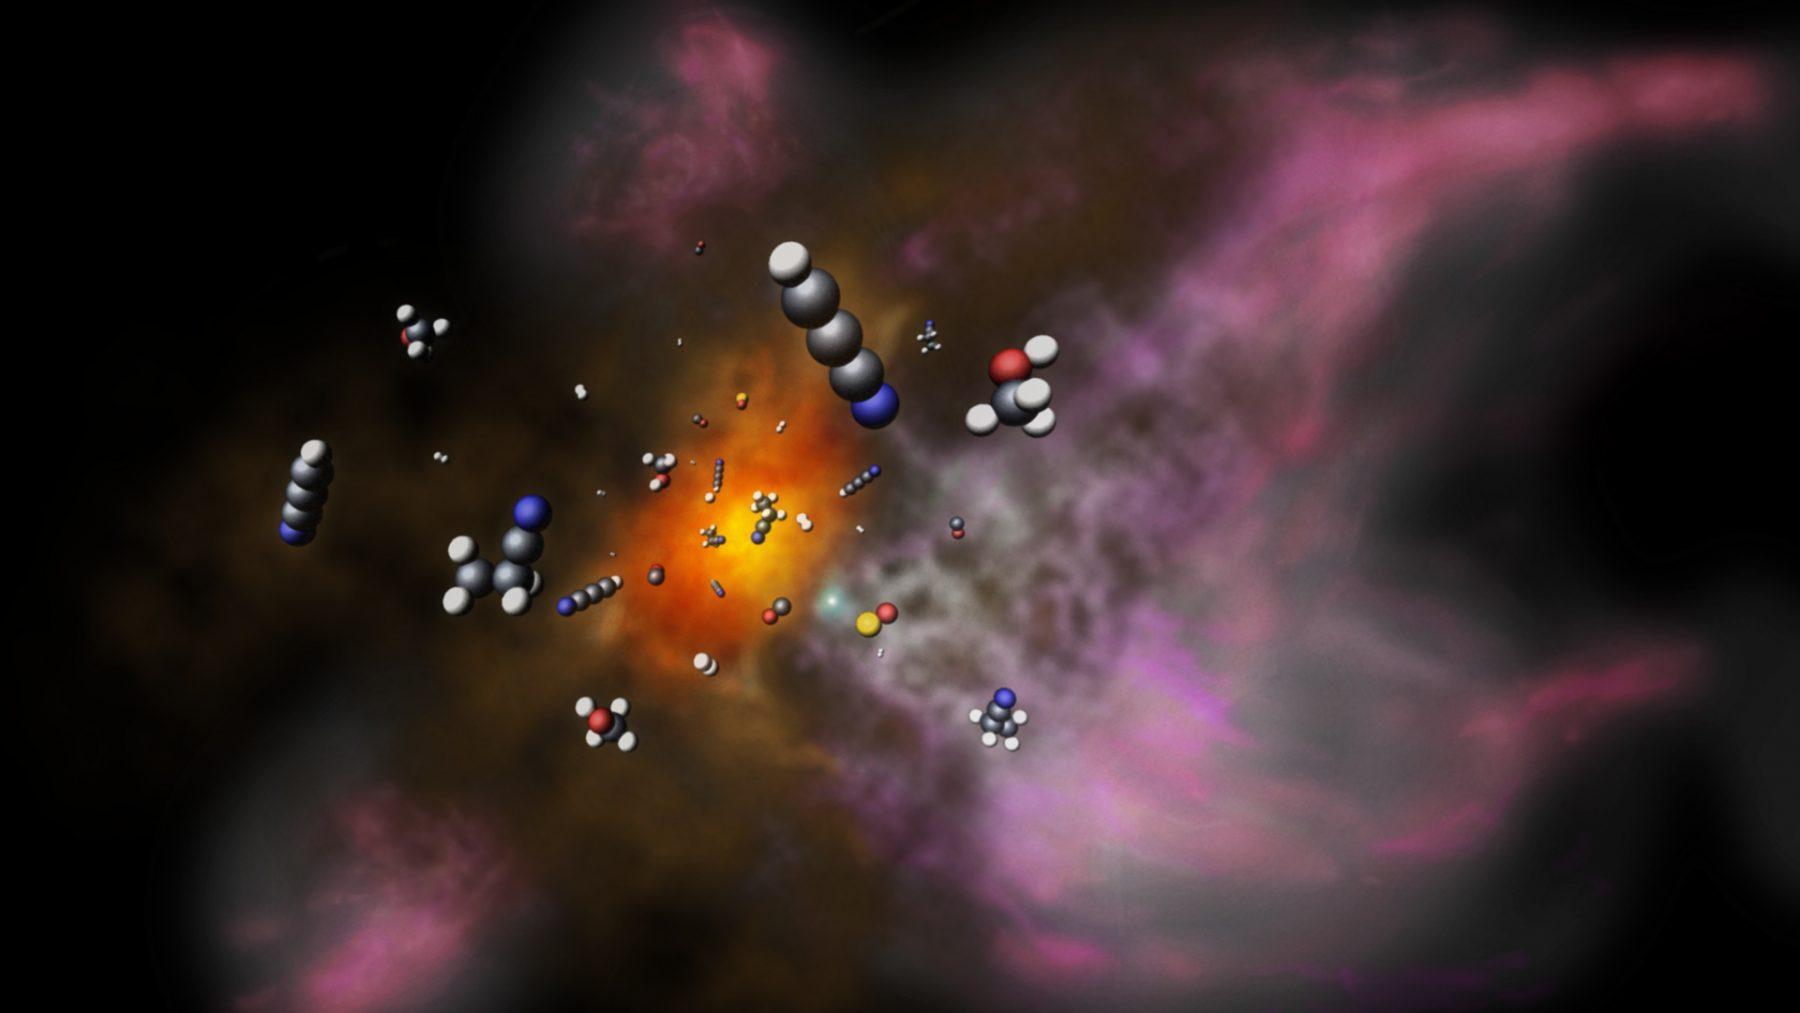 星形成領域G34.26+0.15のイメージ図。星が誕生する領域で、様々な分子が作られている。